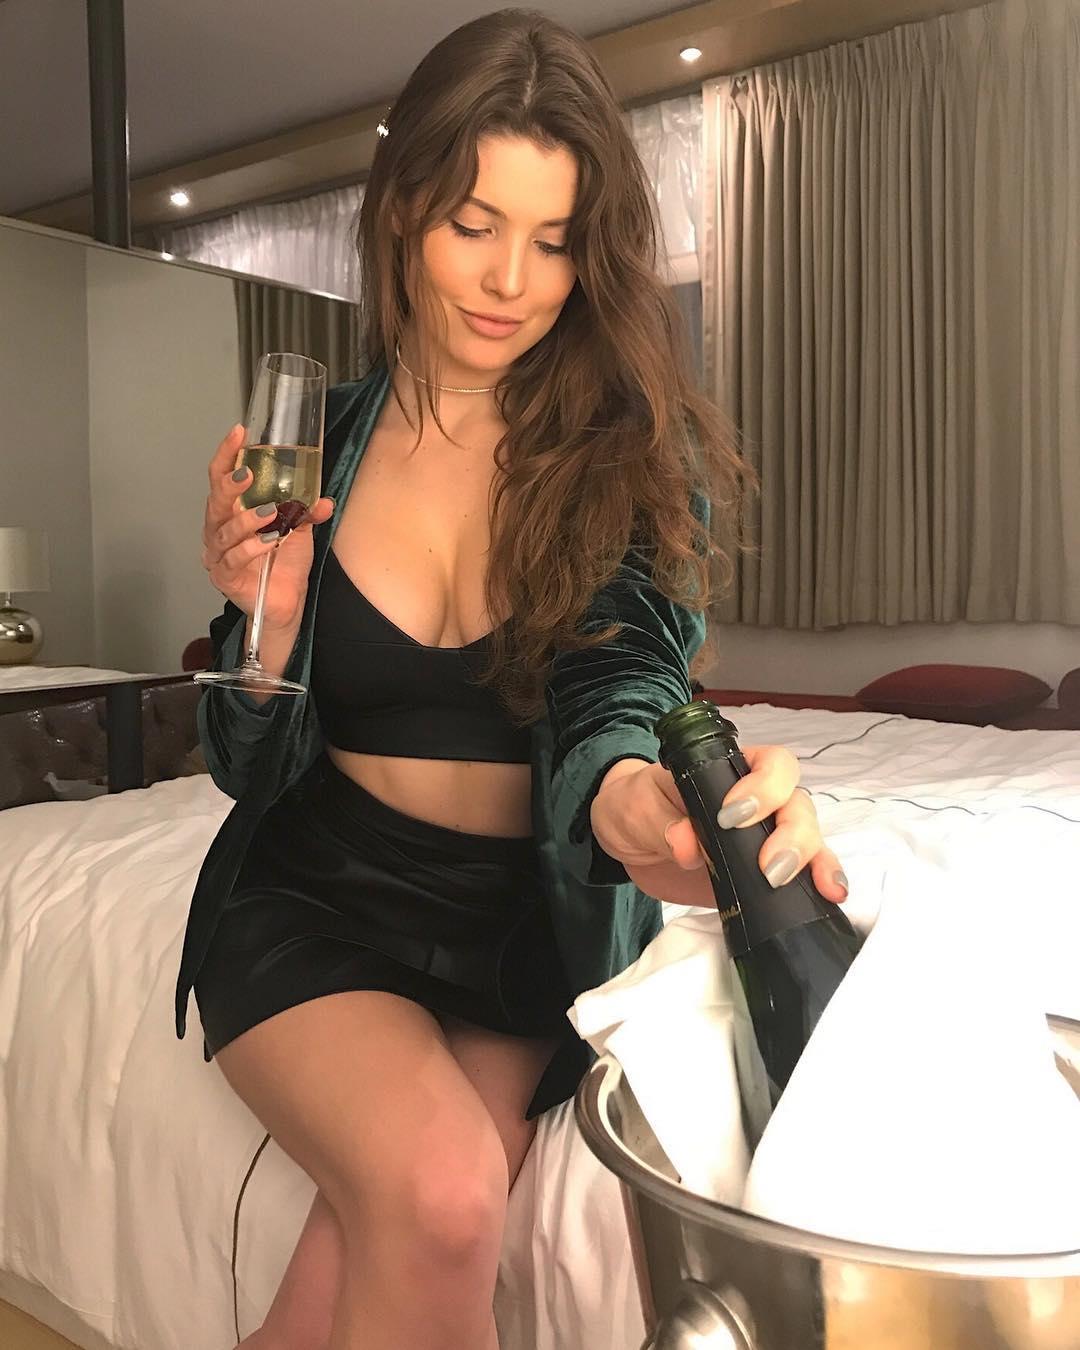 Amanda Cerny Nude Leaked Pics  Celebs Unmasked